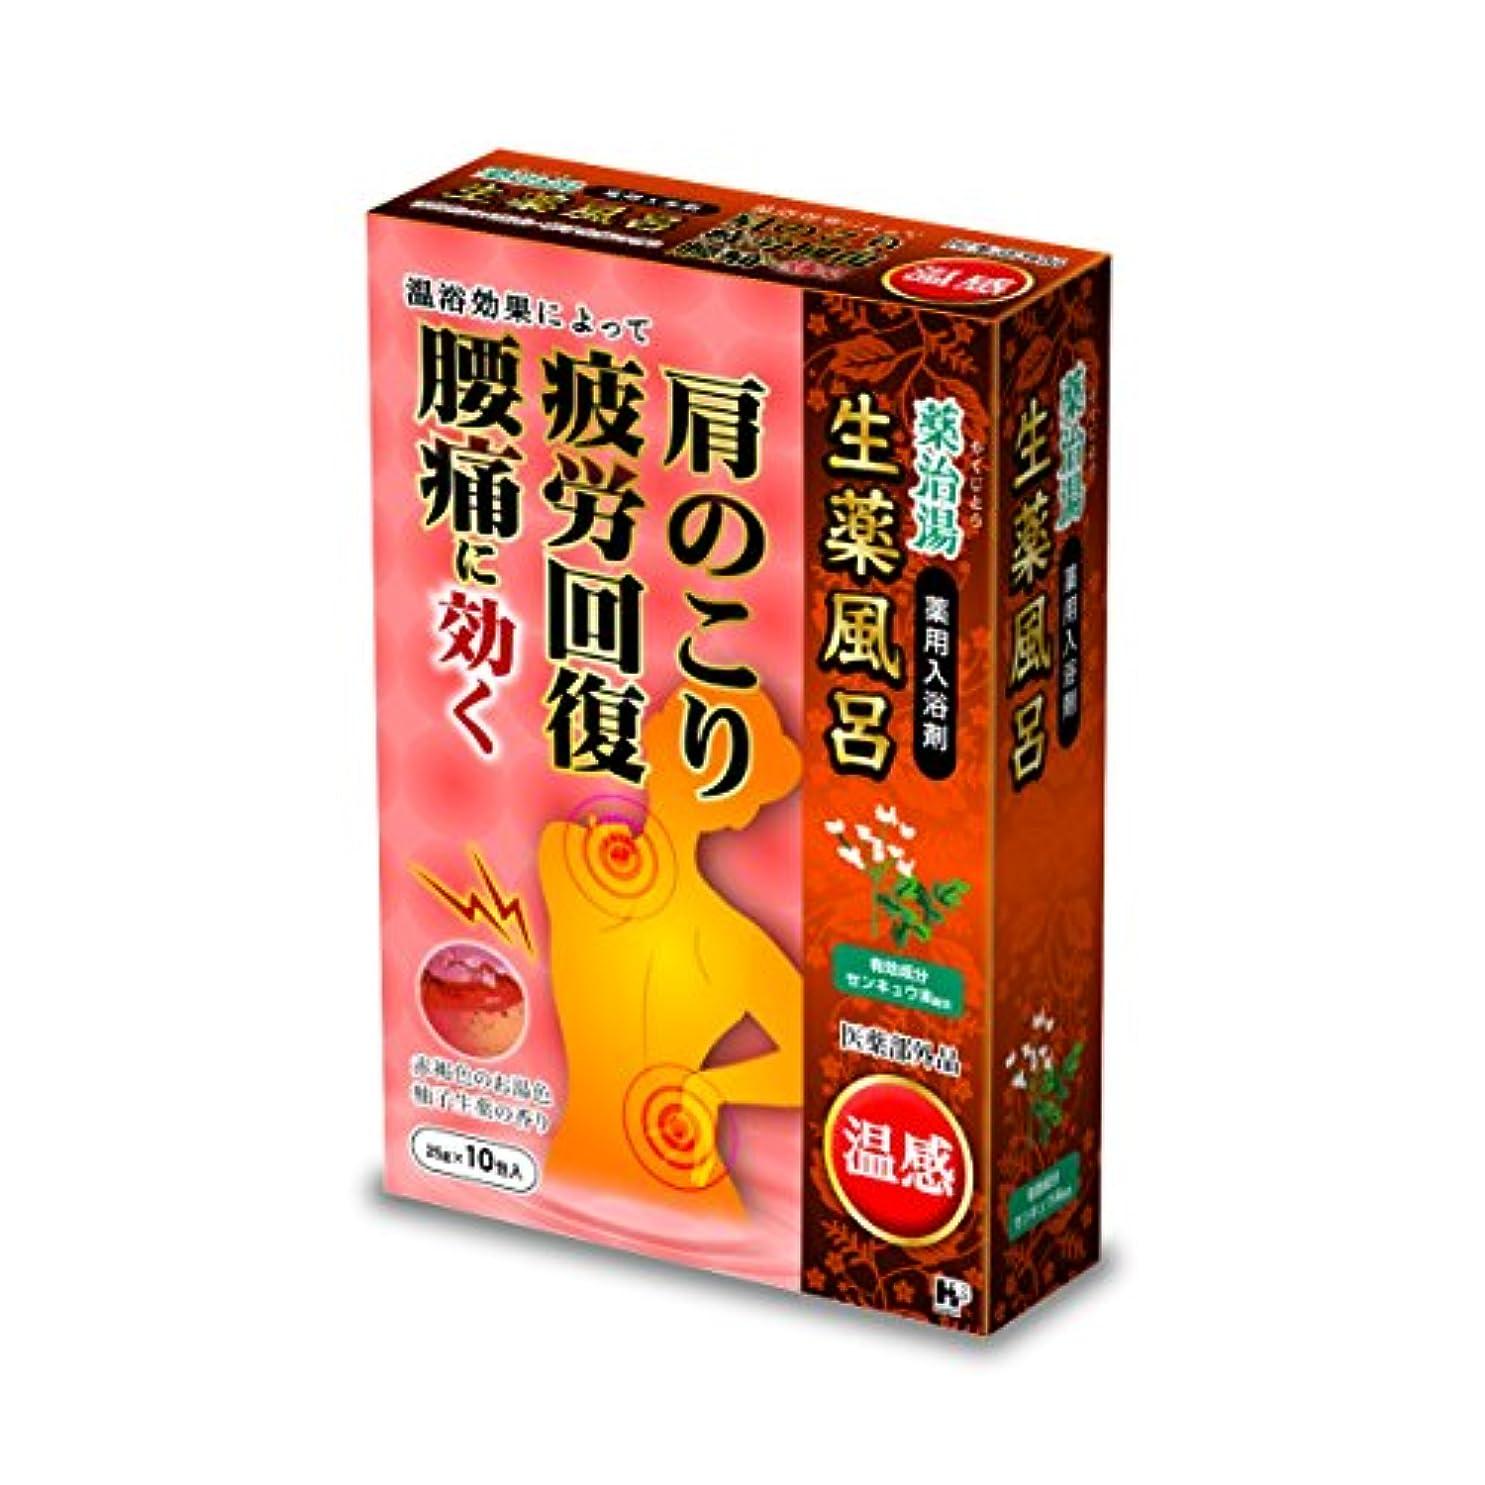 飲食店じゃがいも現代の薬治湯温感 柚子生薬の香り